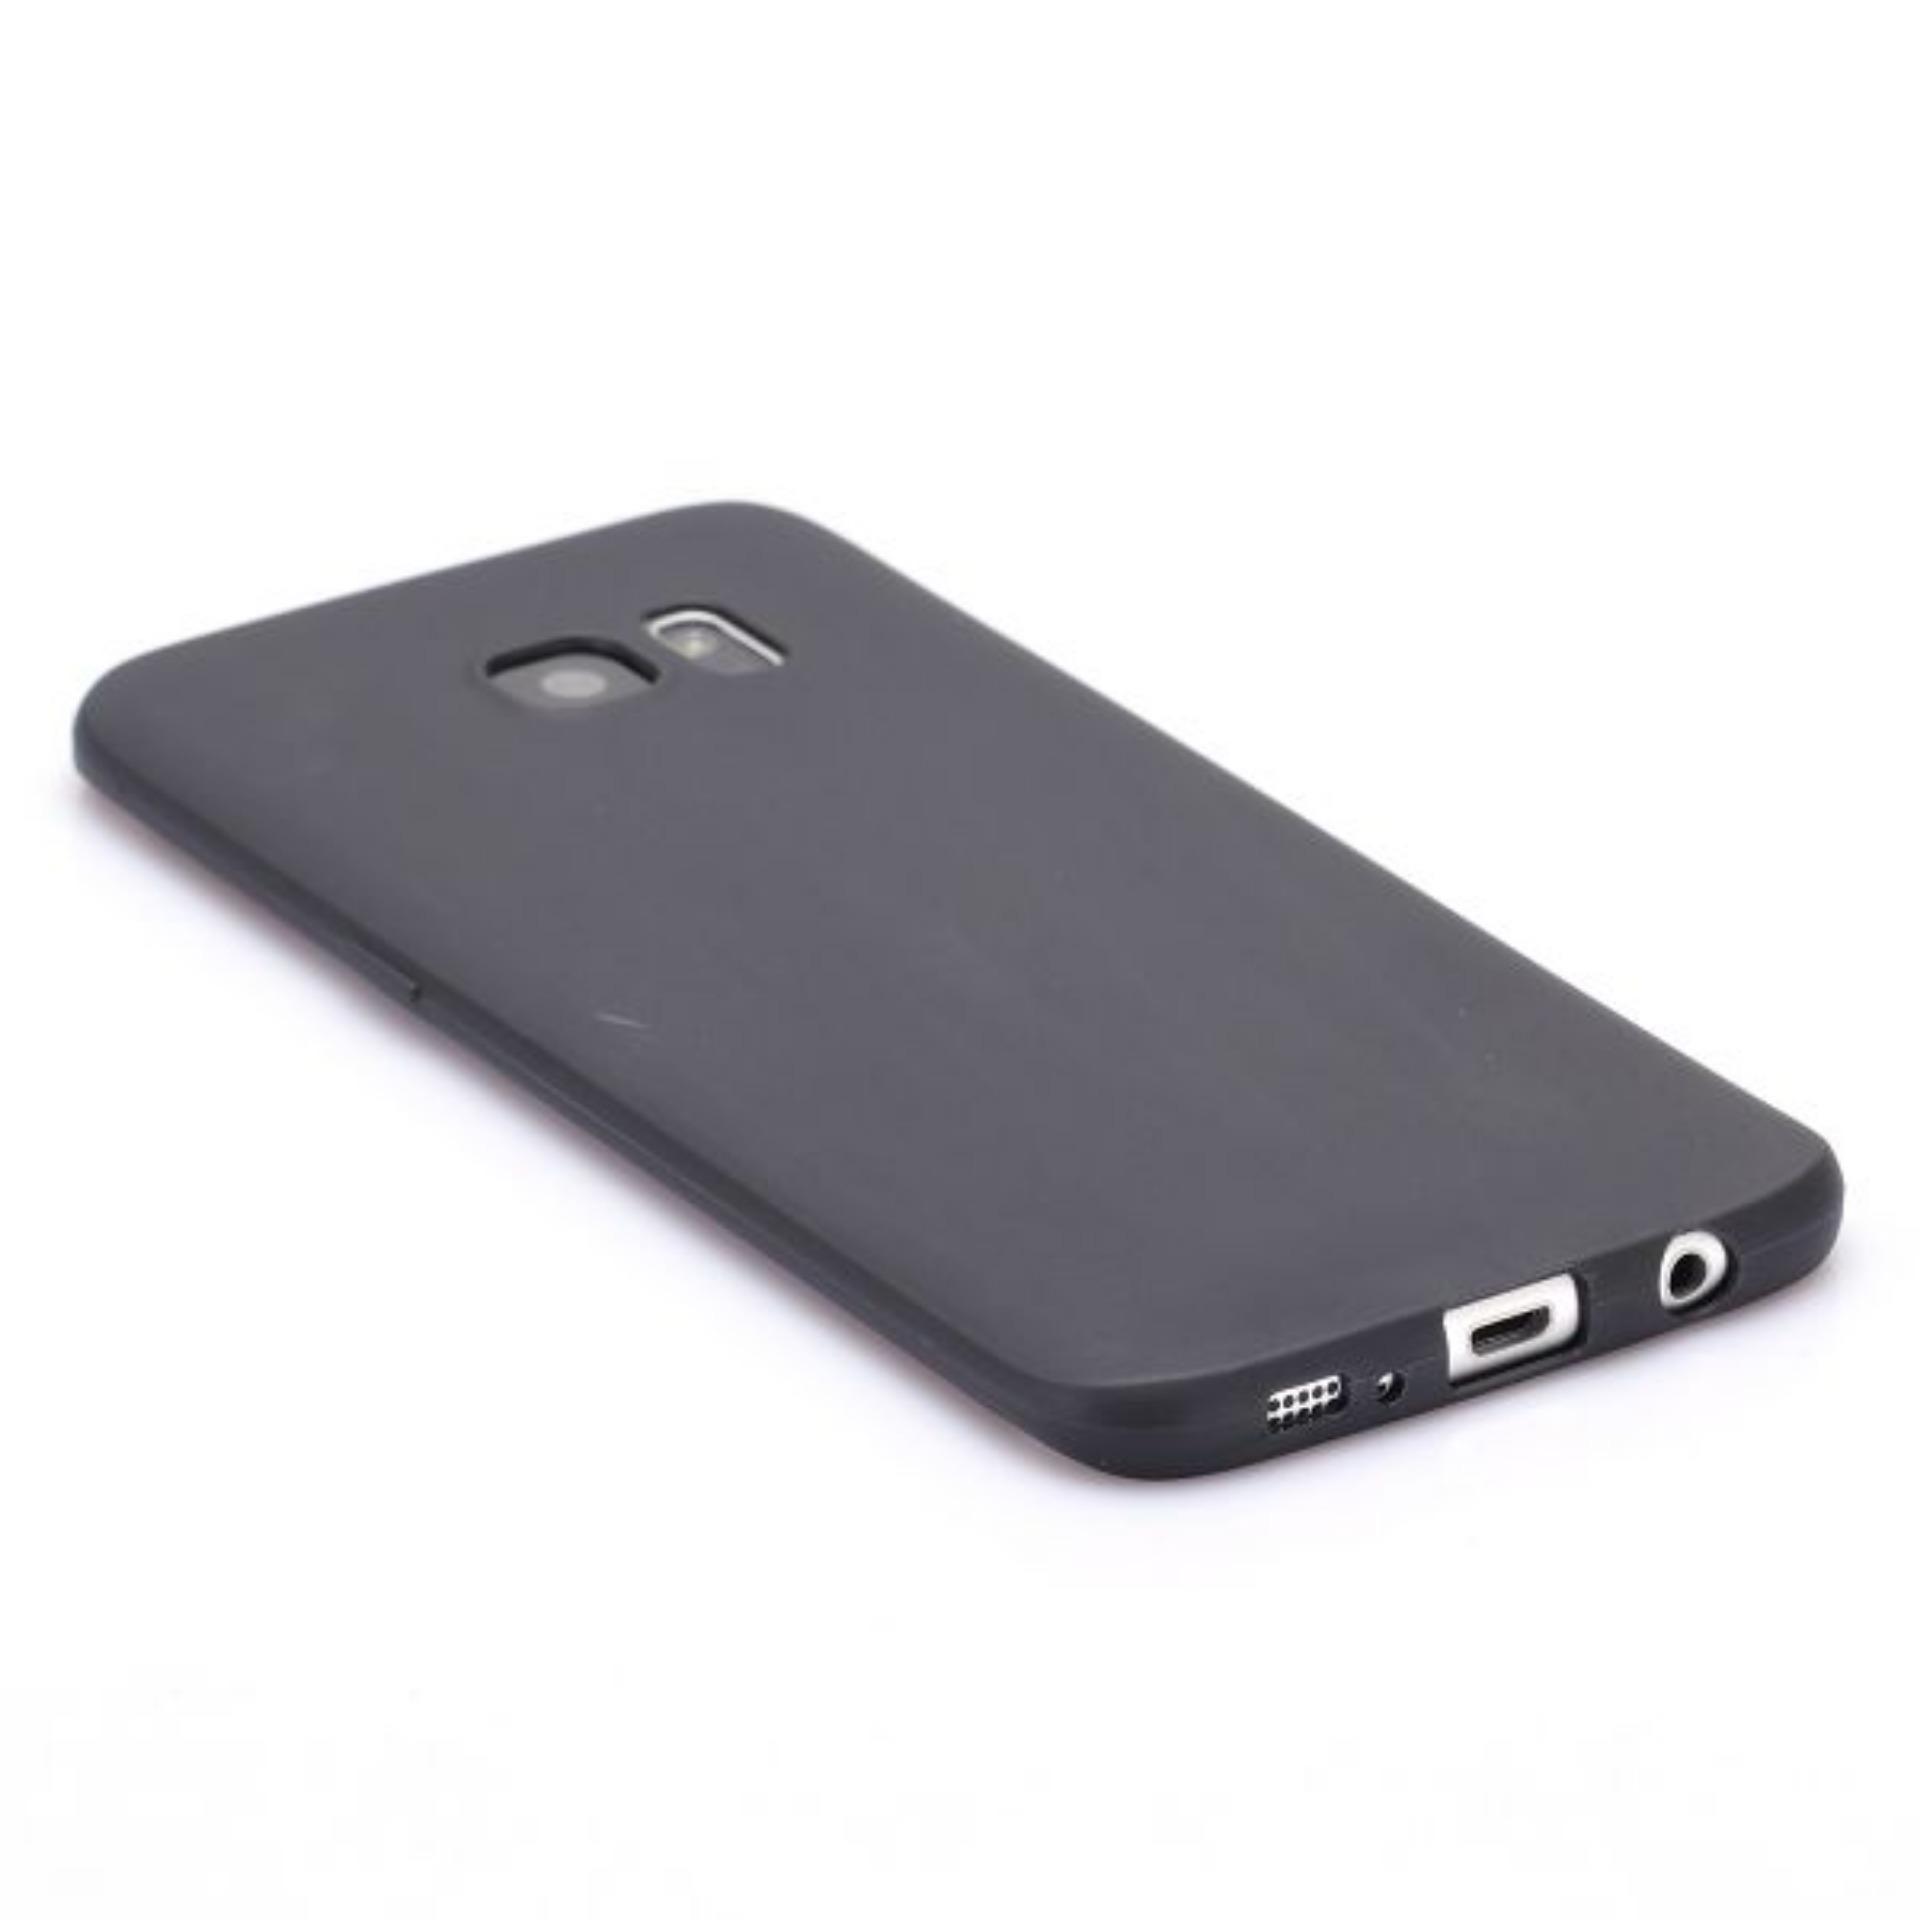 Cek Harga Baru Softcase Black Matte Carbon Hp Samsung Galaxy S7 Edge Gambar Produk Rinci Silikon Babyskin Terkini